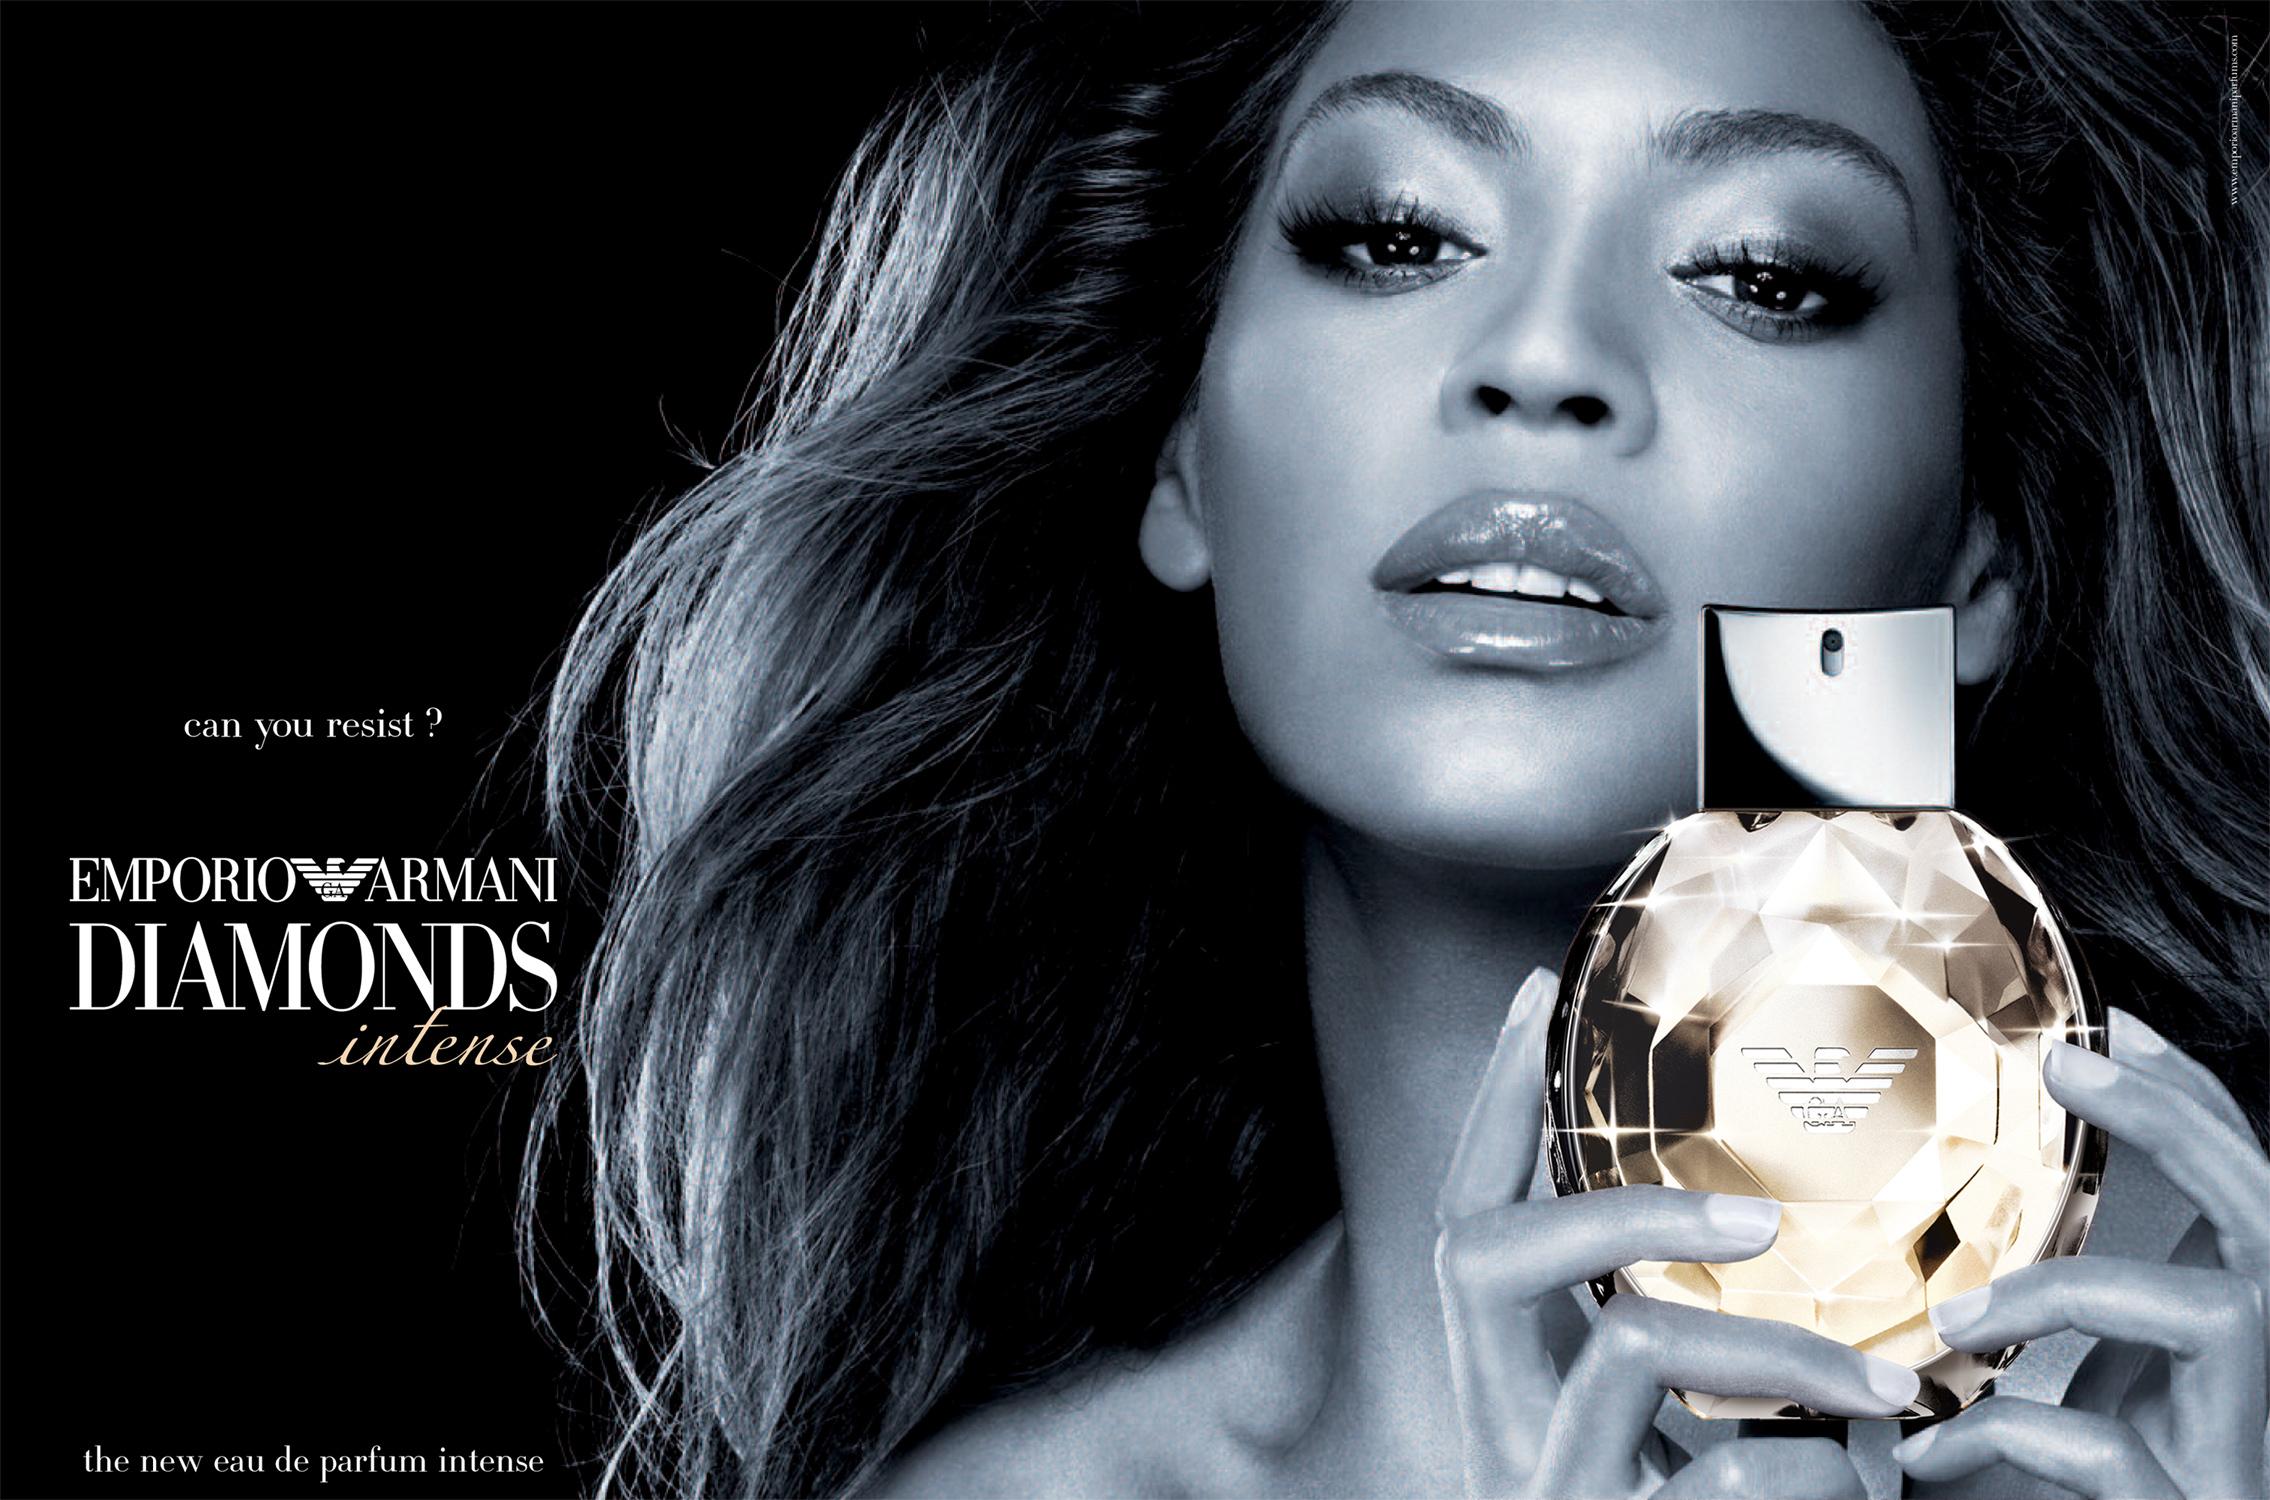 скорости реклама парфюма фото диана познакомились